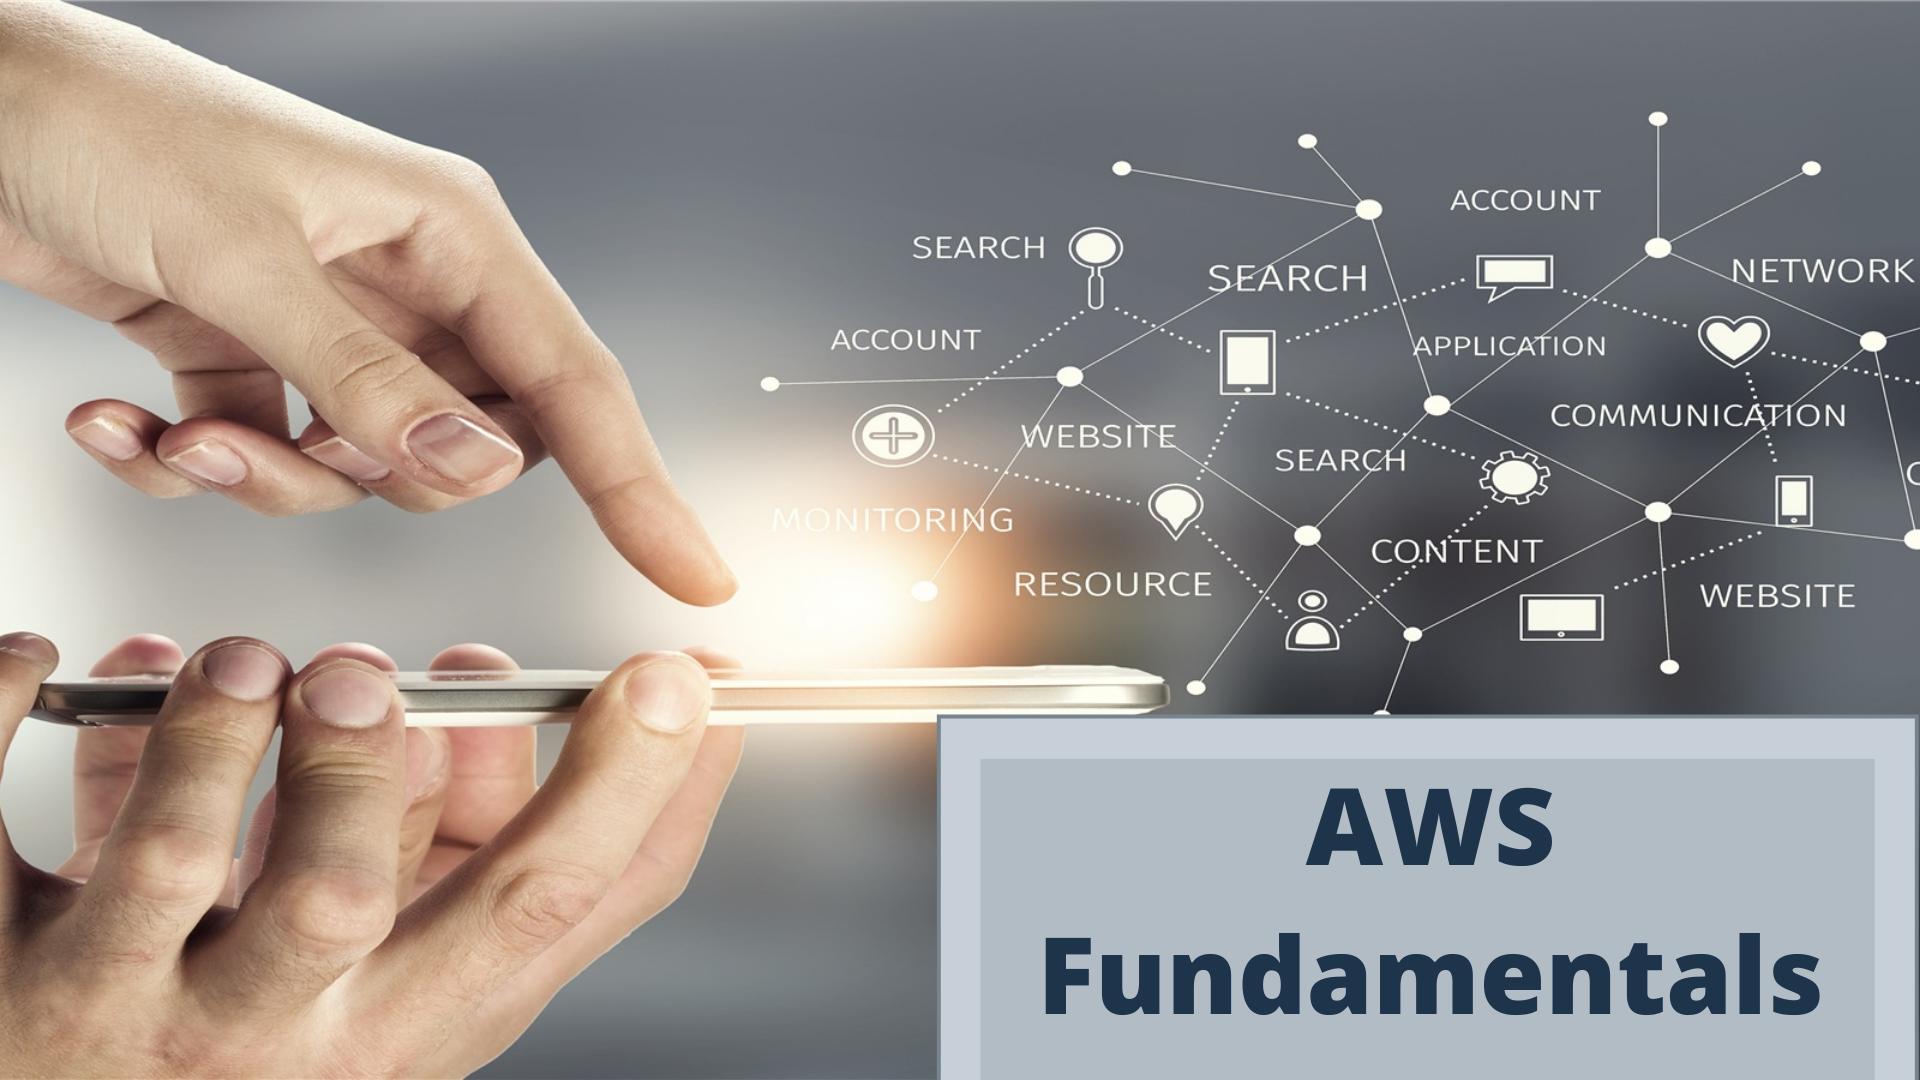 AWS Fundamentals